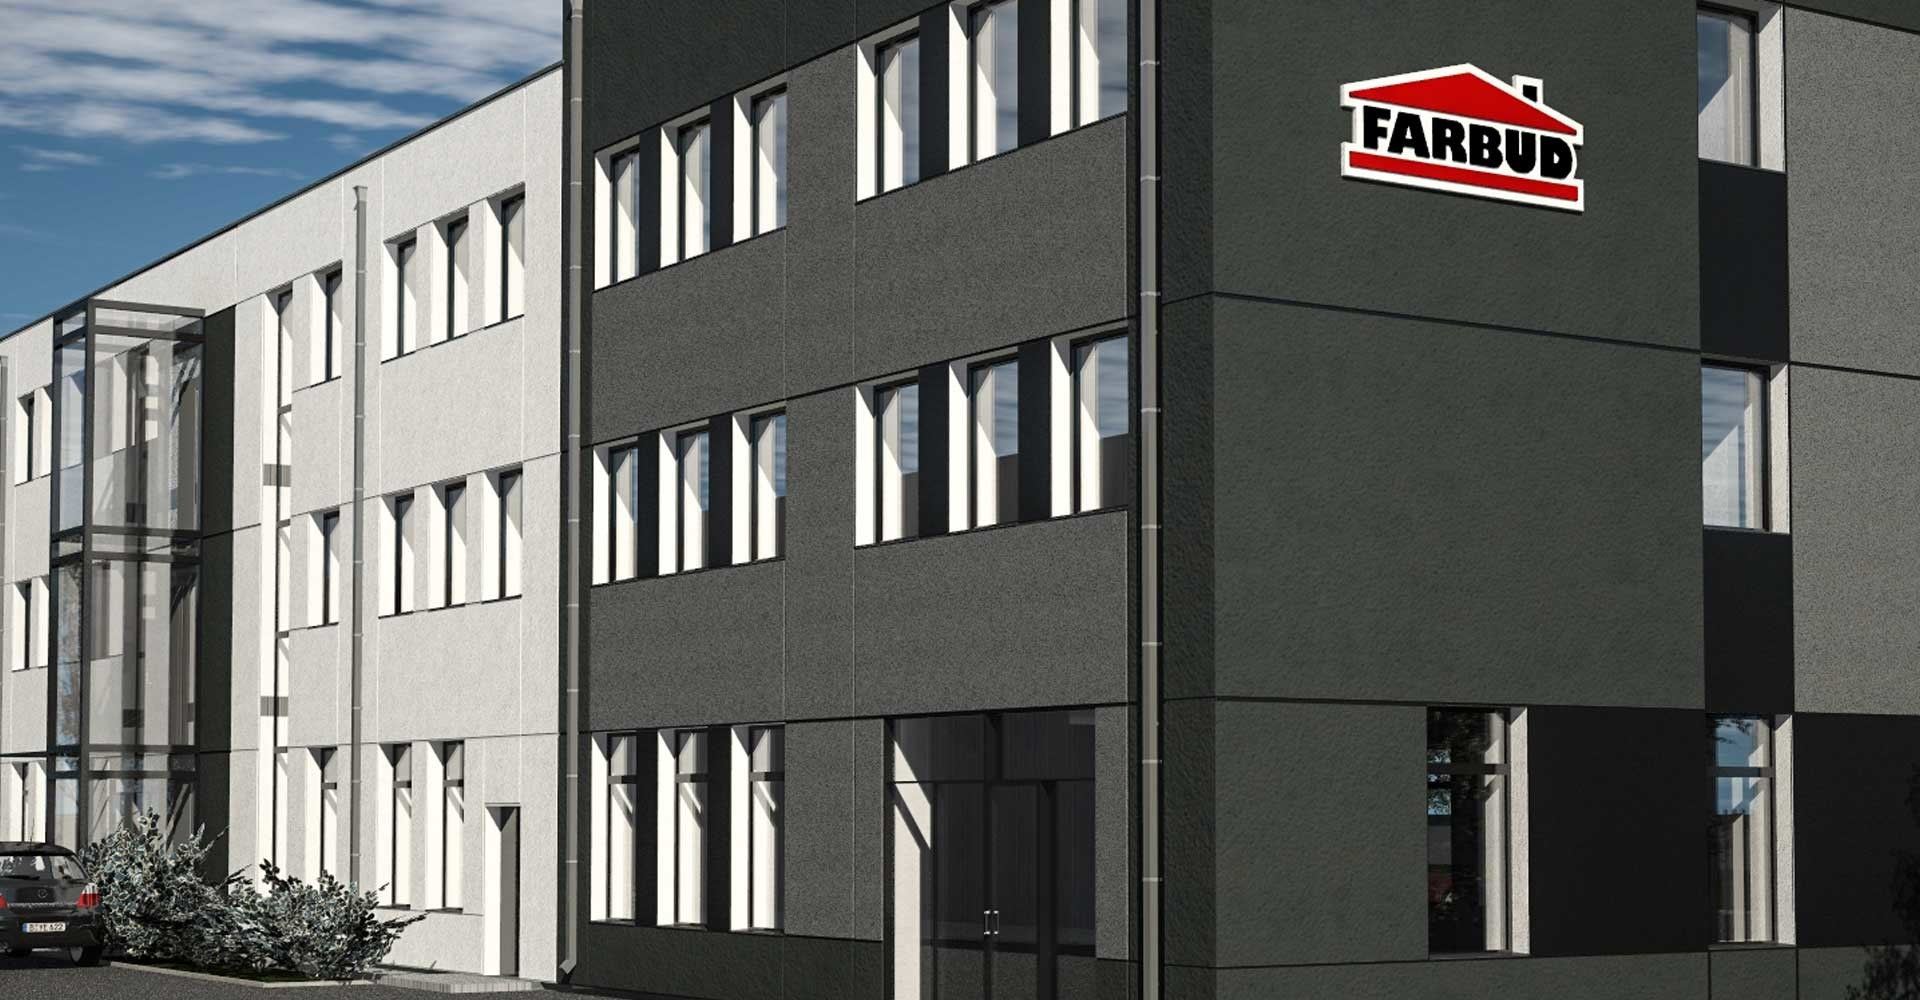 biuro o powierzchni 28,3 m<sup>2</sup> - Farbud Nieruchomości - Lublin